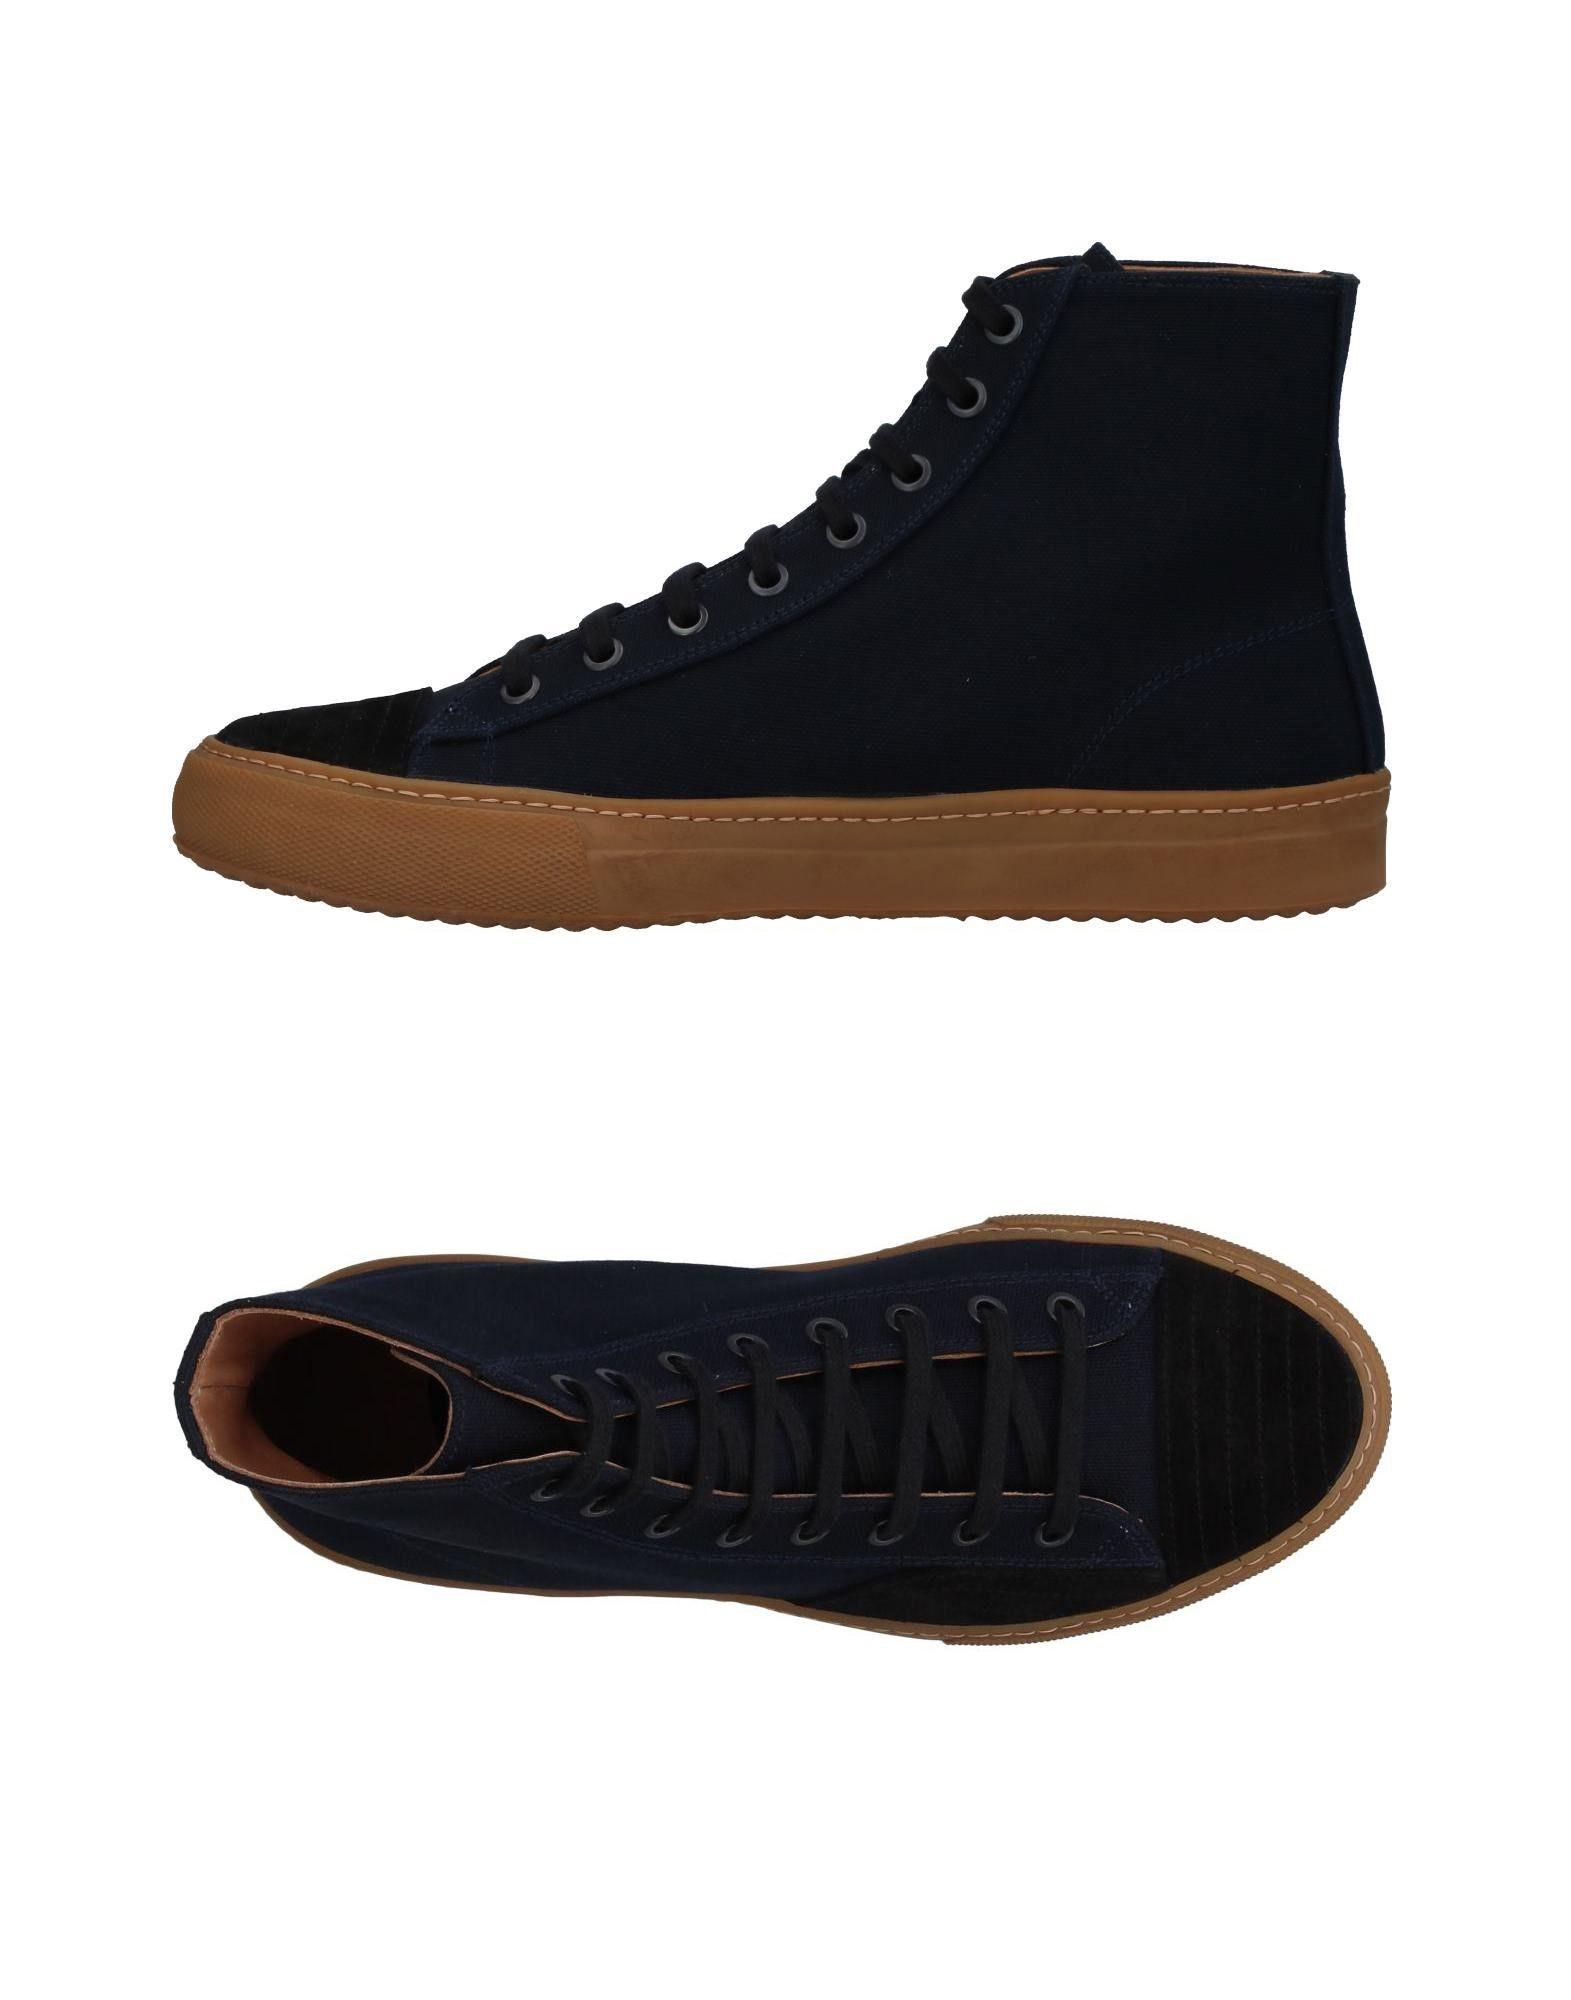 Dries Van Noten Sneakers Herren  11400392DT Gute Qualität beliebte Schuhe